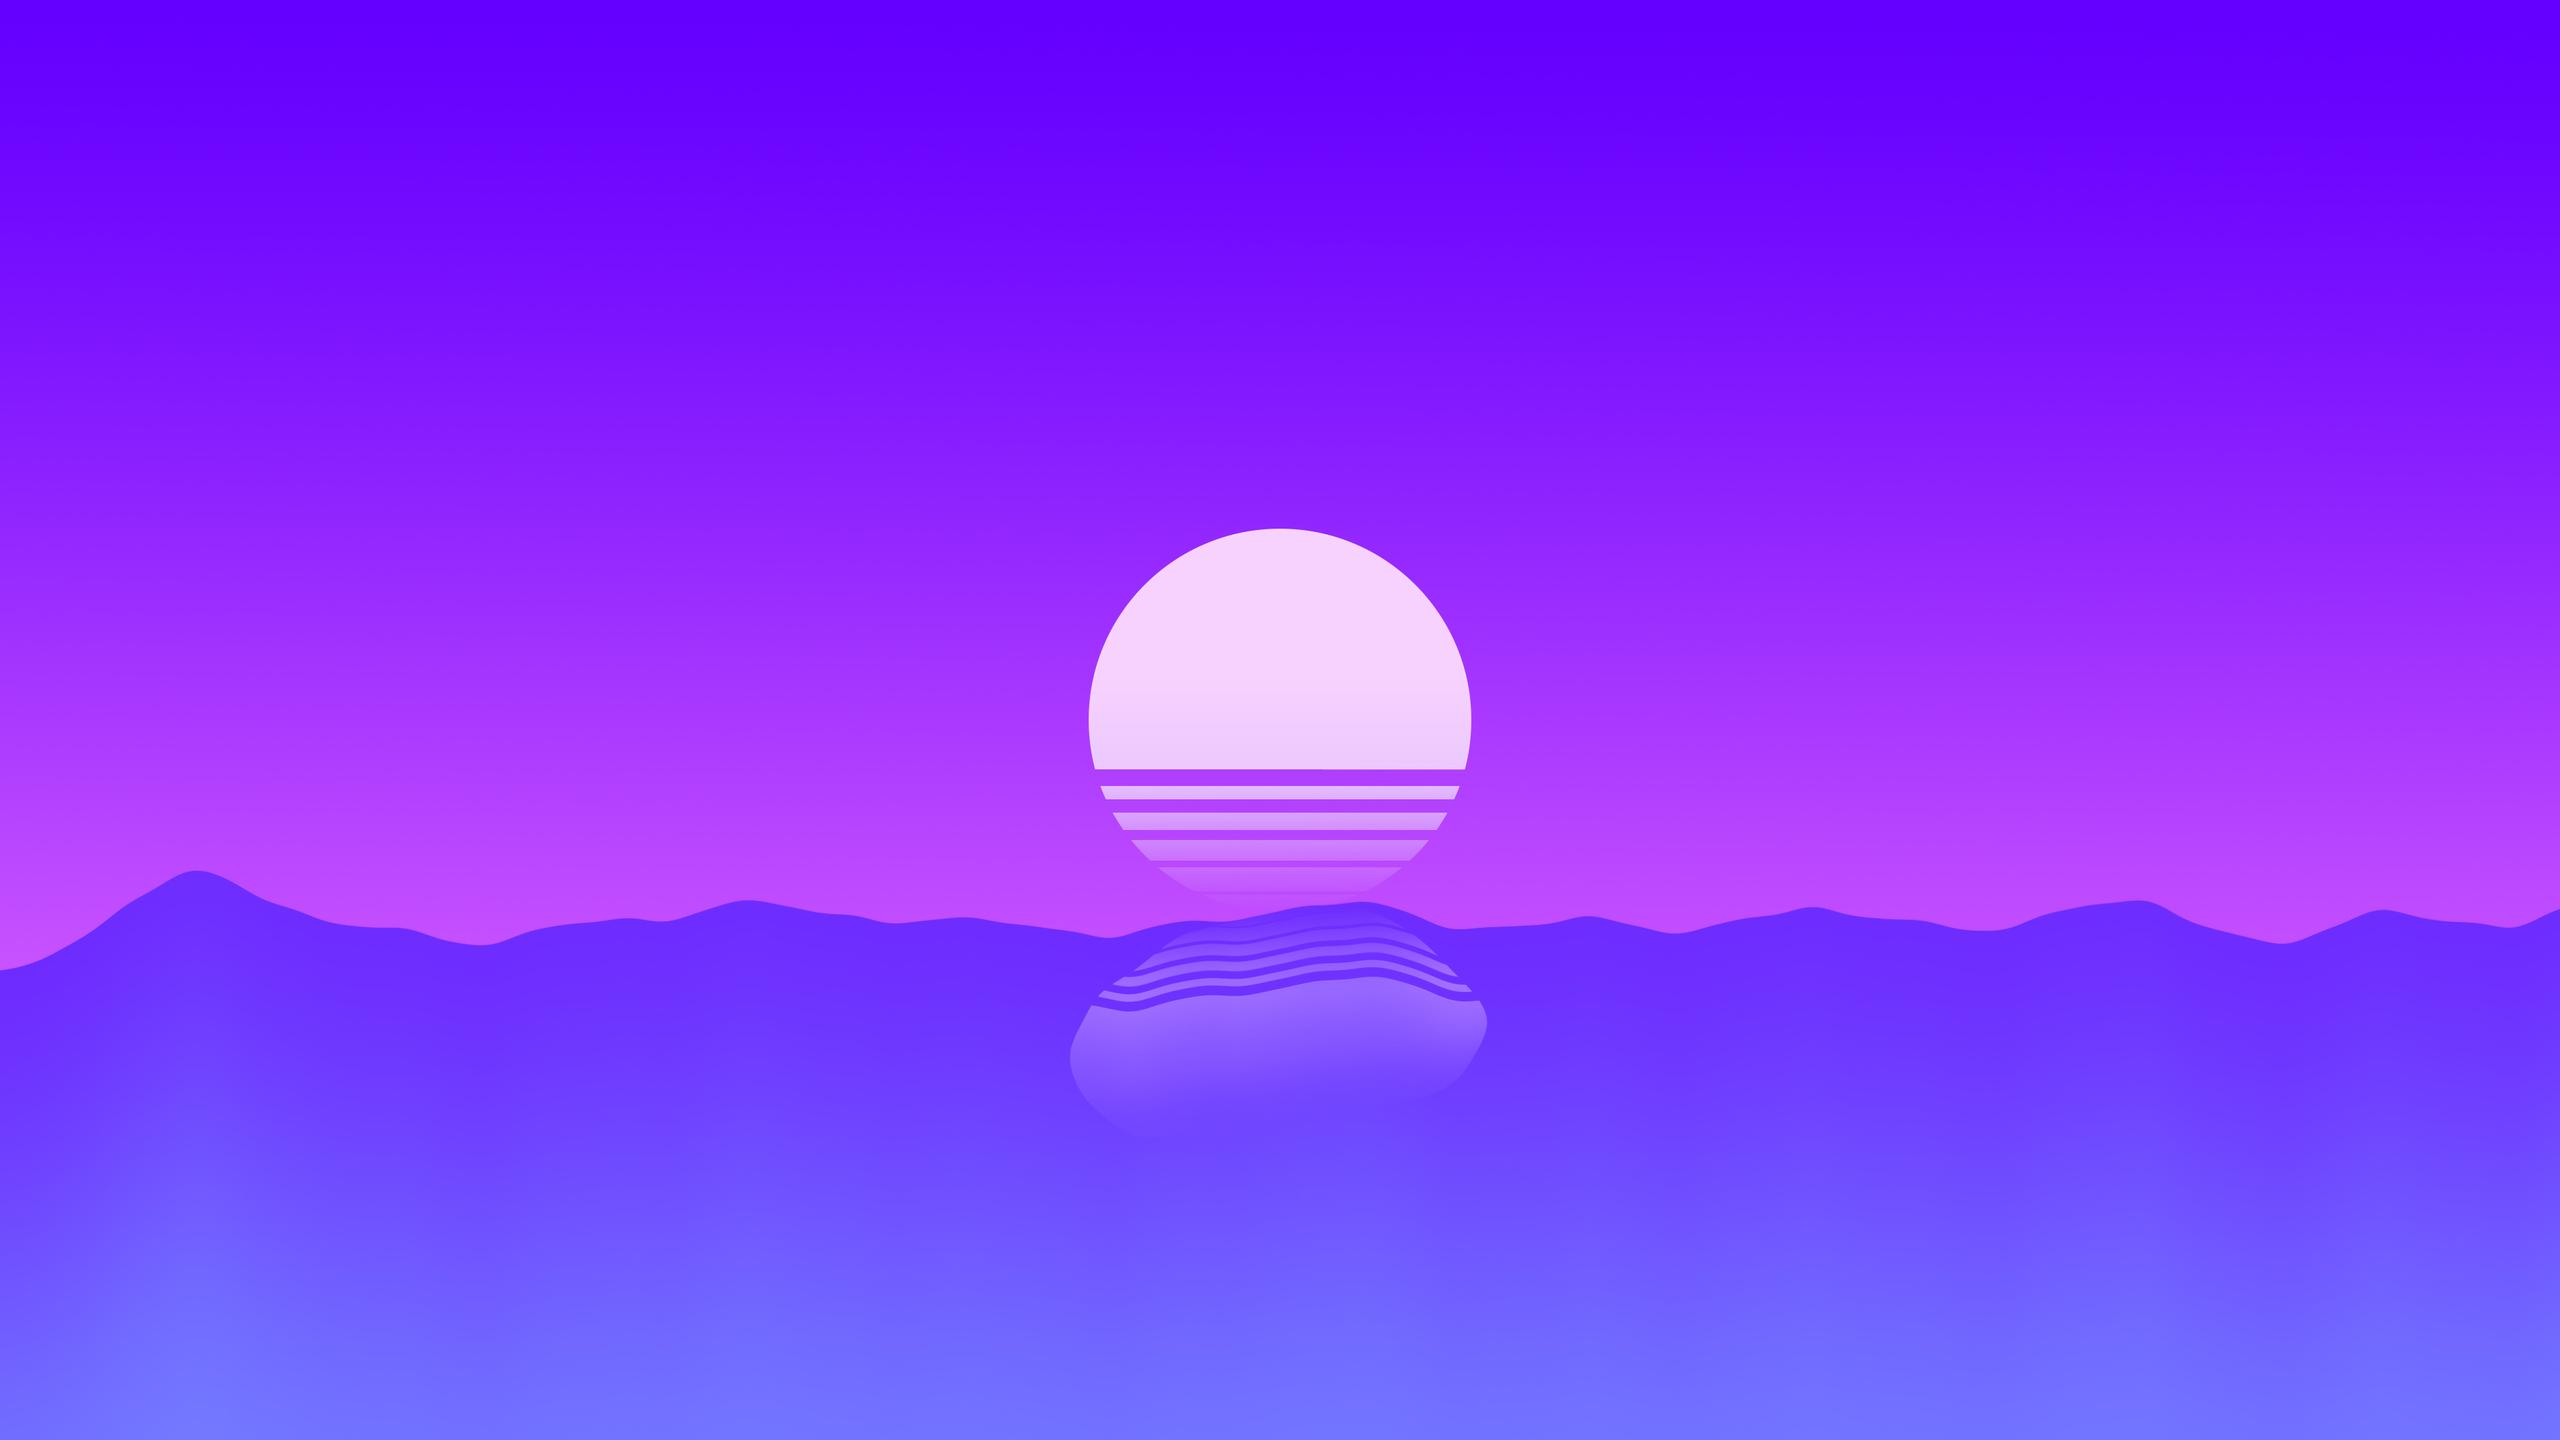 2560x1440 Sunset Outrun Minimalism 4k 1440P Resolution HD ...